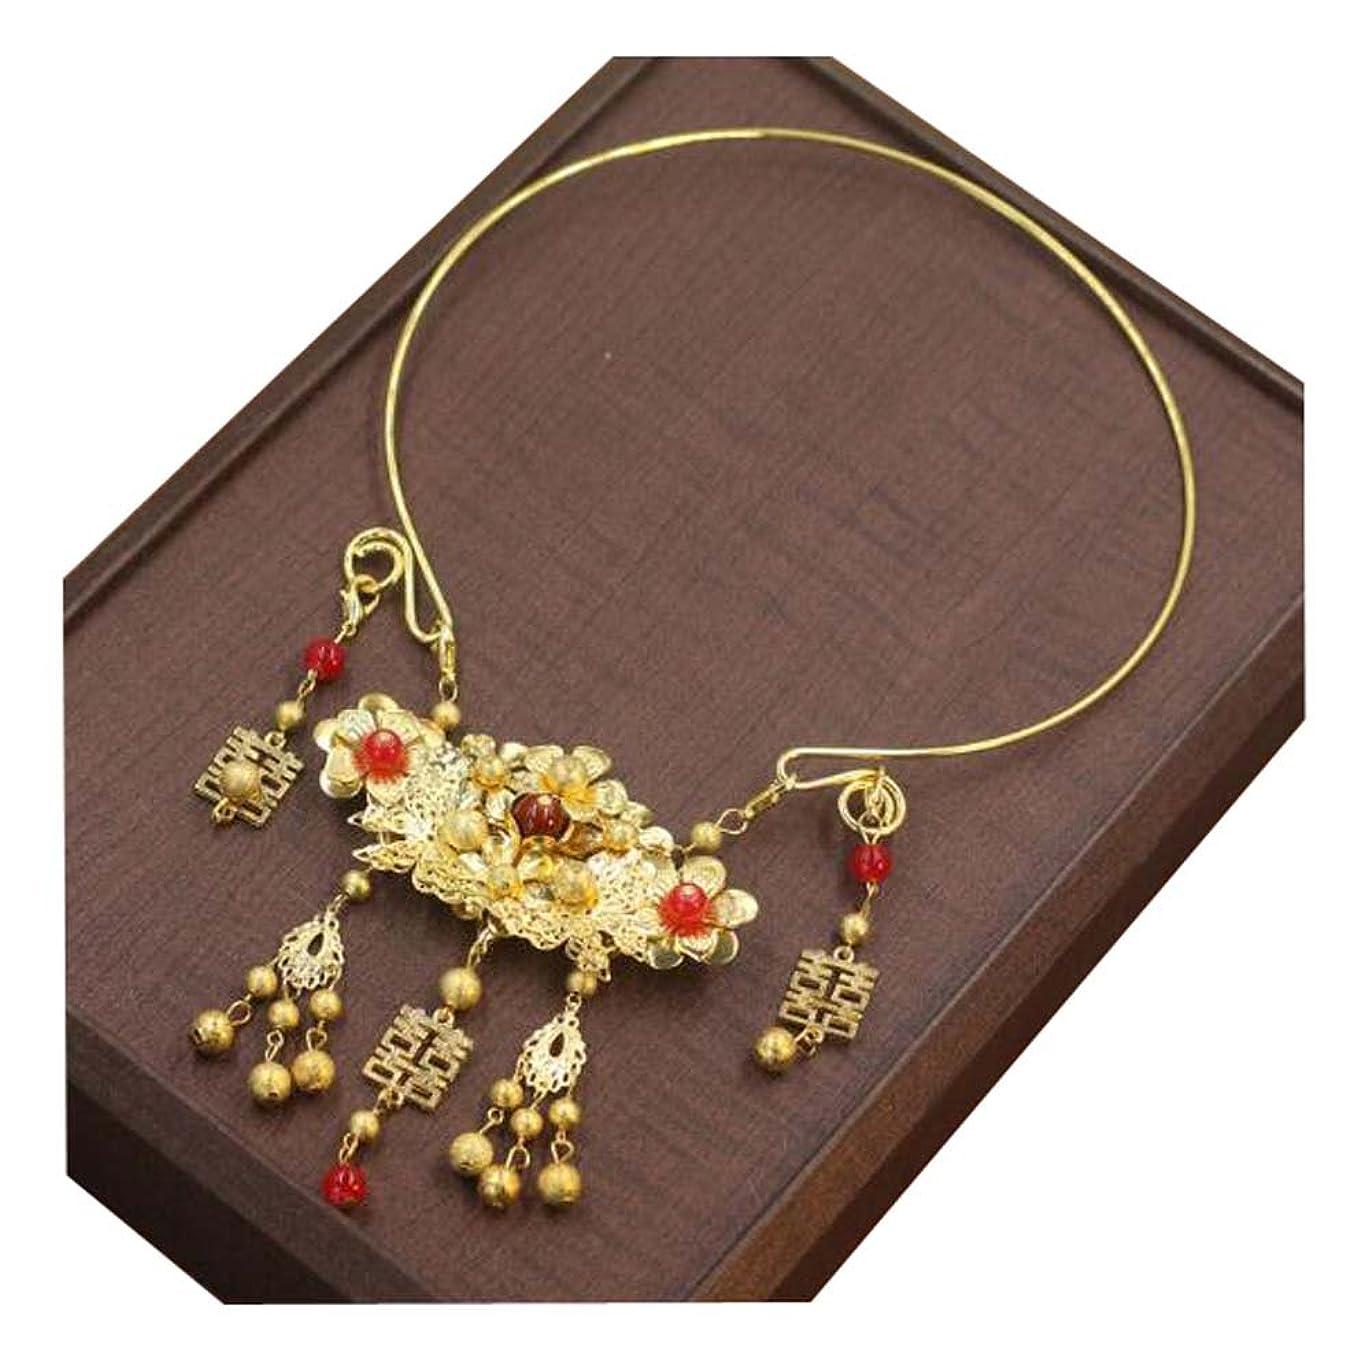 反響する利得六新しいスタイル中国の結婚式のネックレスリング赤いブライダルの頭飾りジュエリー02